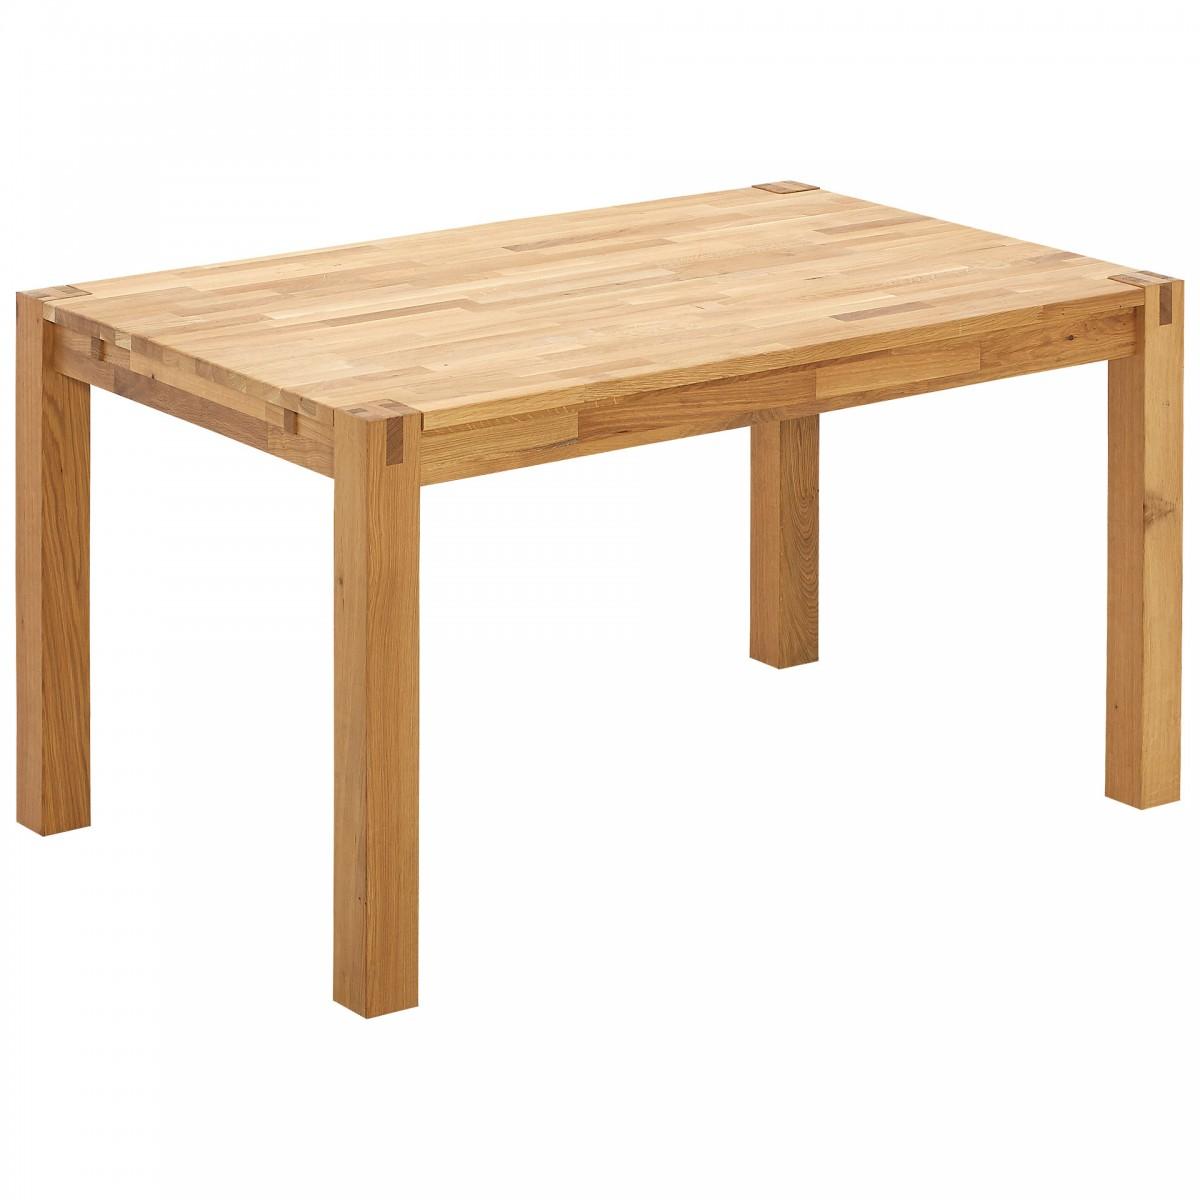 Full Size of Esstisch 2m Royal Oak 90x140 Eiche Holz Weißer Sägerau Massiver Sofa Für Esstische Massiv Kaufen Mit 4 Stühlen Günstig Ausziehbar Bett 2x2m Rustikal Buche Esstische Esstisch 2m